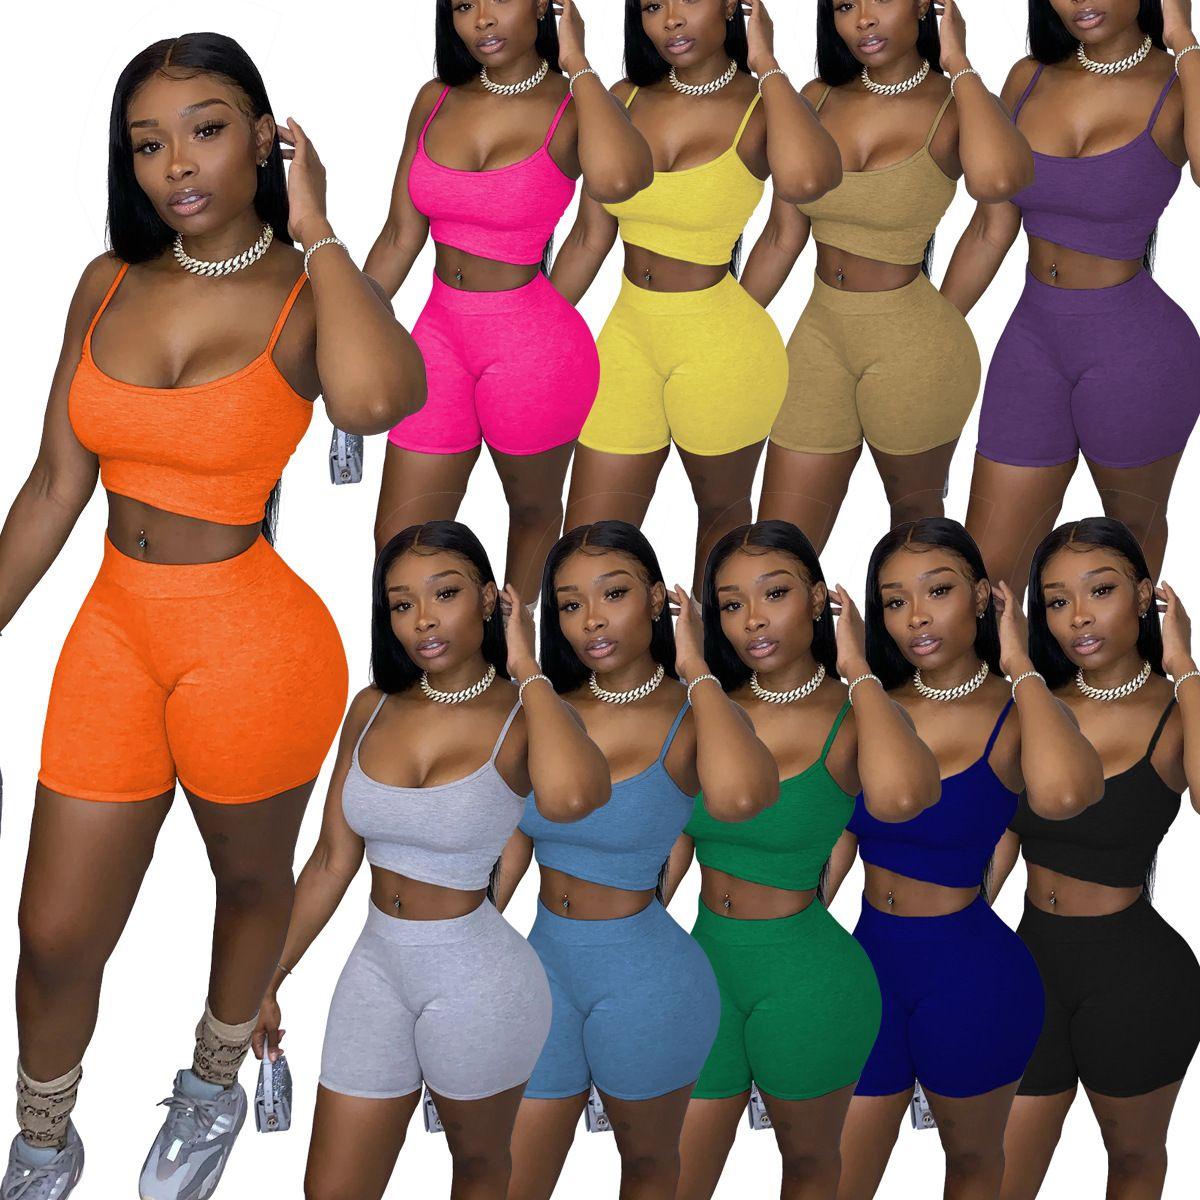 Женские Camisole Tracksuits Мода Trend Trend Summer Повседневная Сплошная Цвет Спортивная Освобождение Бак Топ Шорты Двухструктурные Наборы Дизайнерские Женские Костюмы